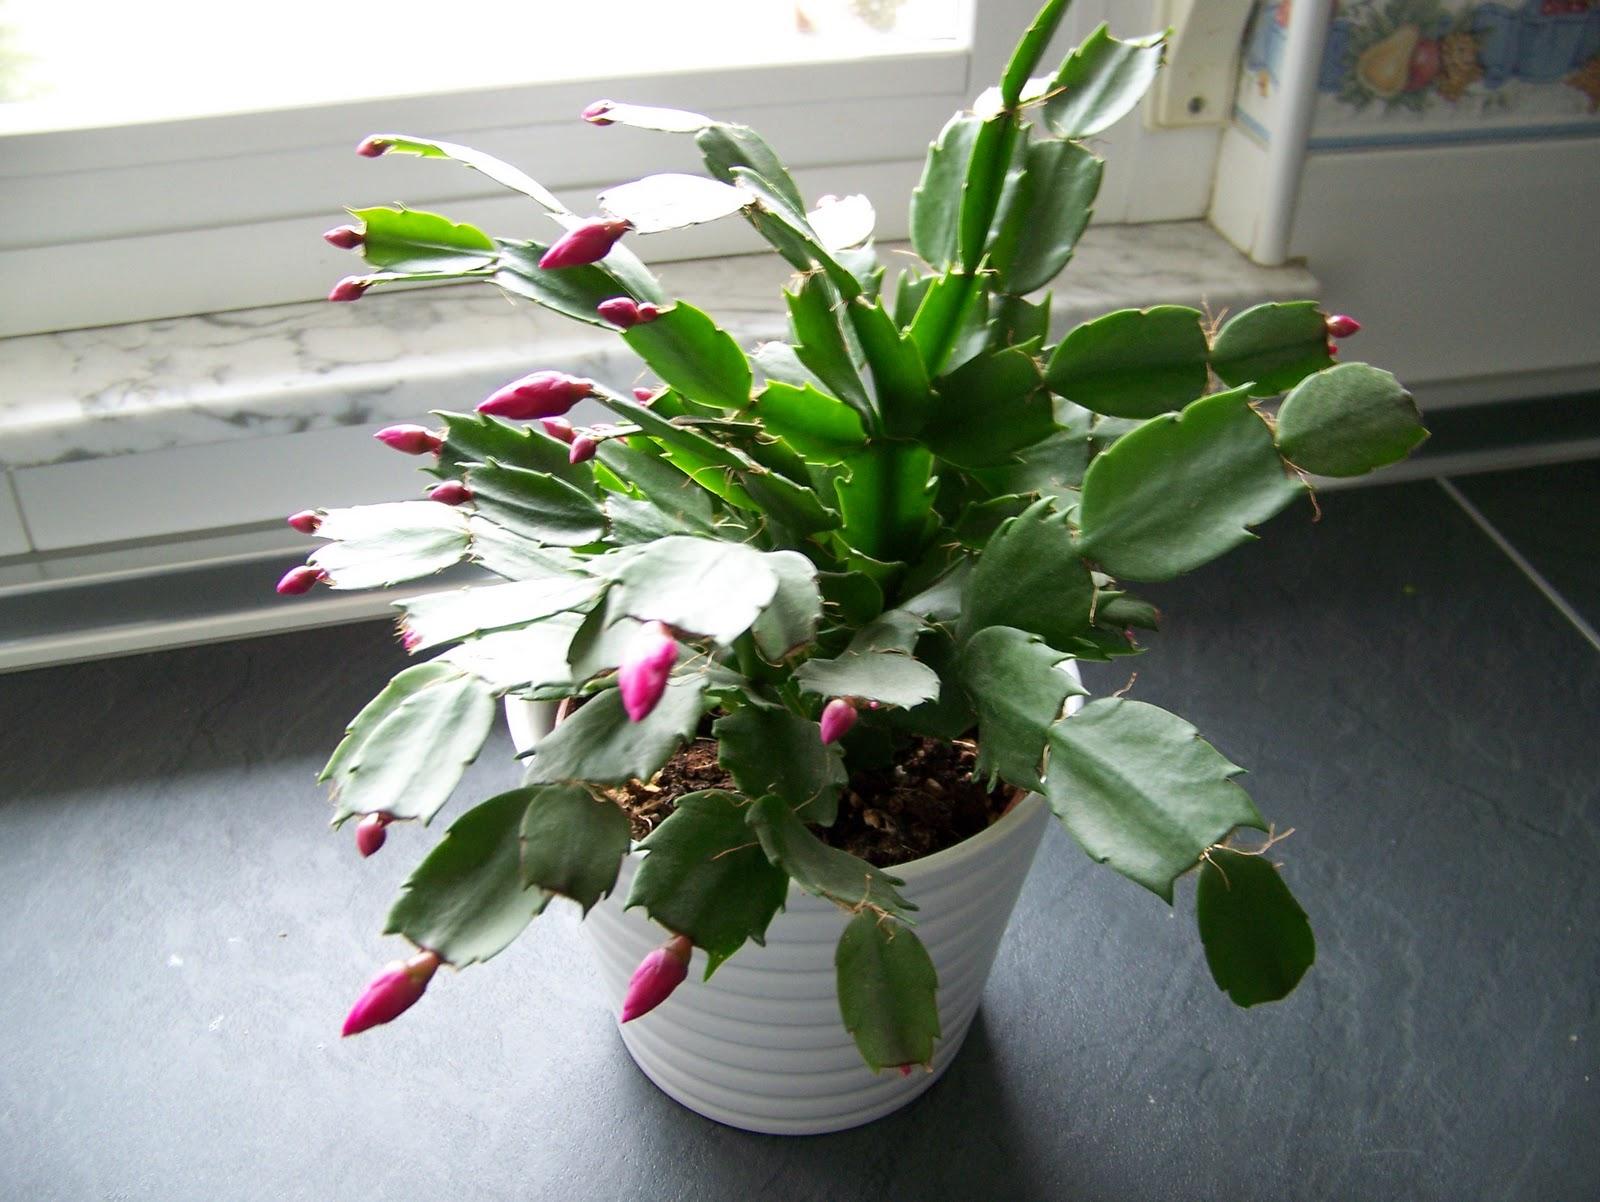 Plantas De Invierno Cactus De Navidad Plantas Y Flores - Nombres-de-plantas-de-exterior